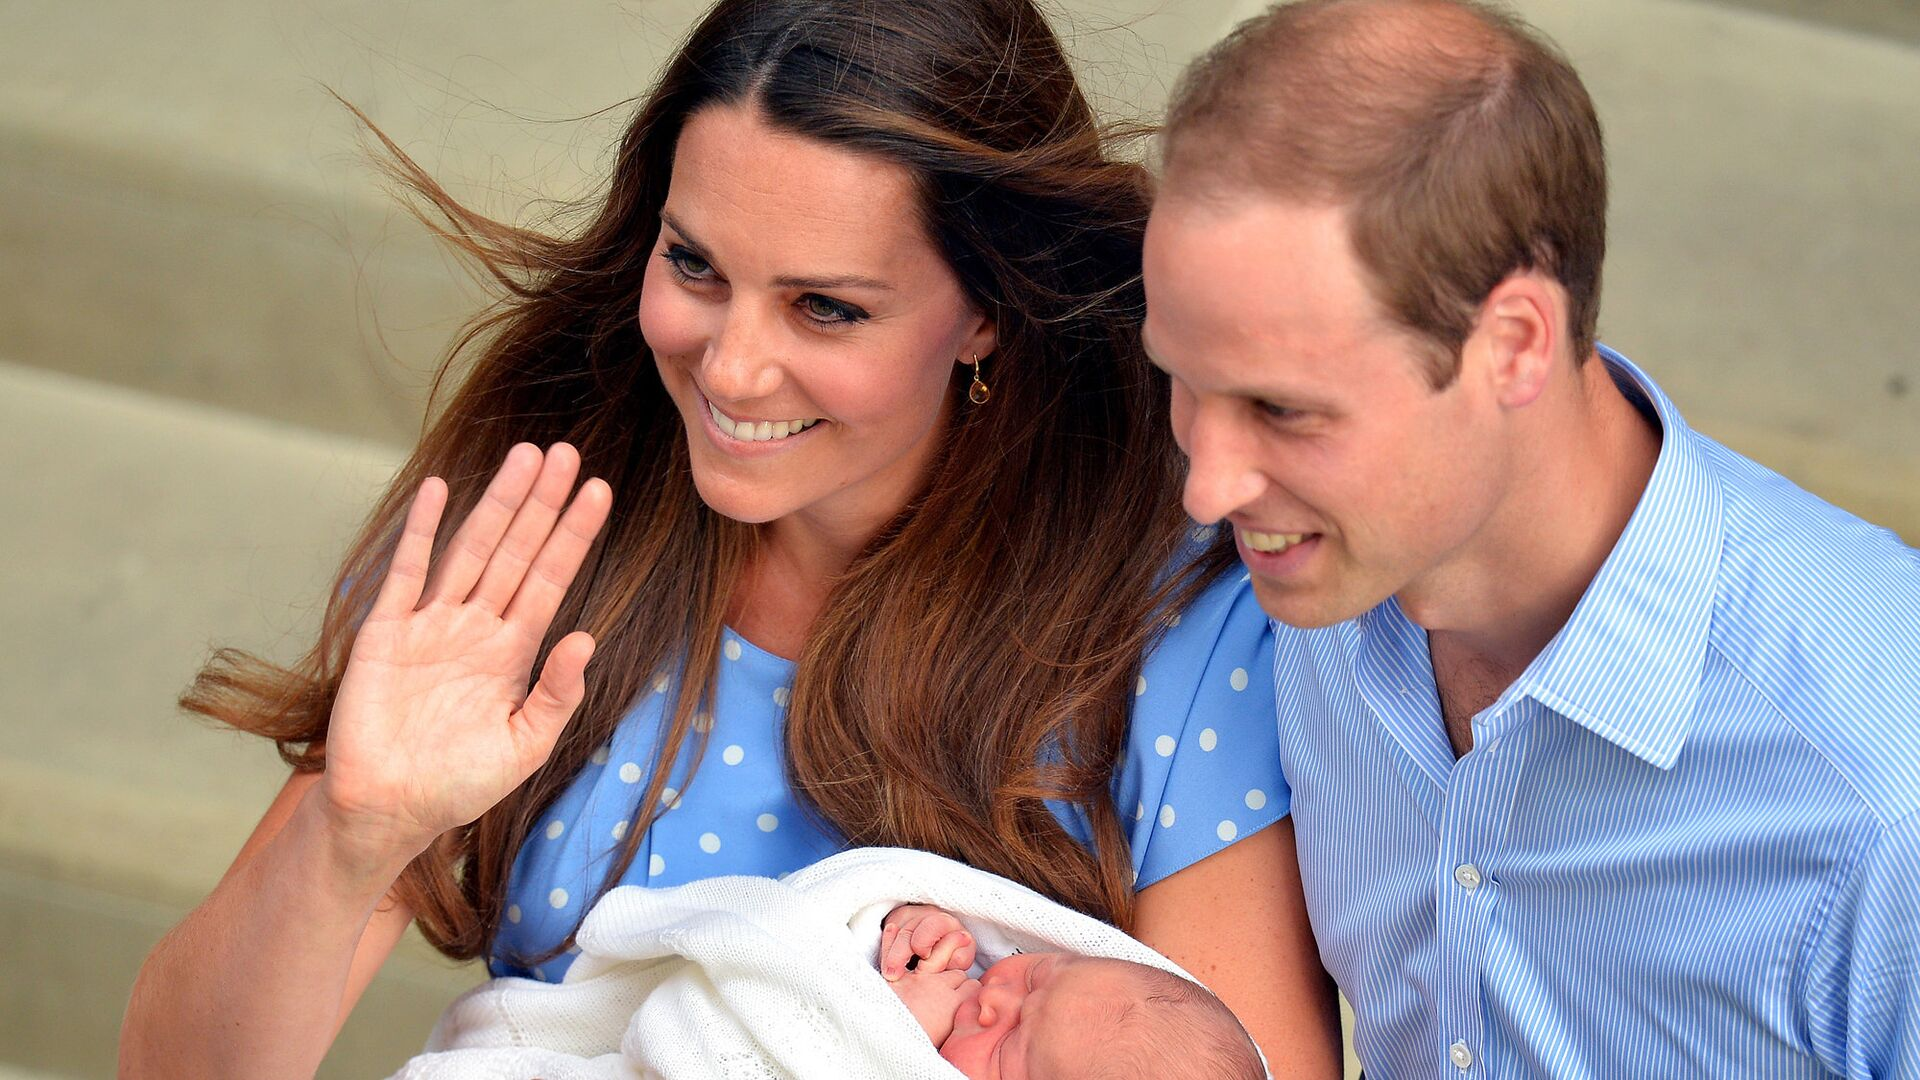 Герцогиня Кэтрин и принц Уильям с новорожденным сыном выходят из госпиталя Святой Марии - РИА Новости, 1920, 04.04.2021